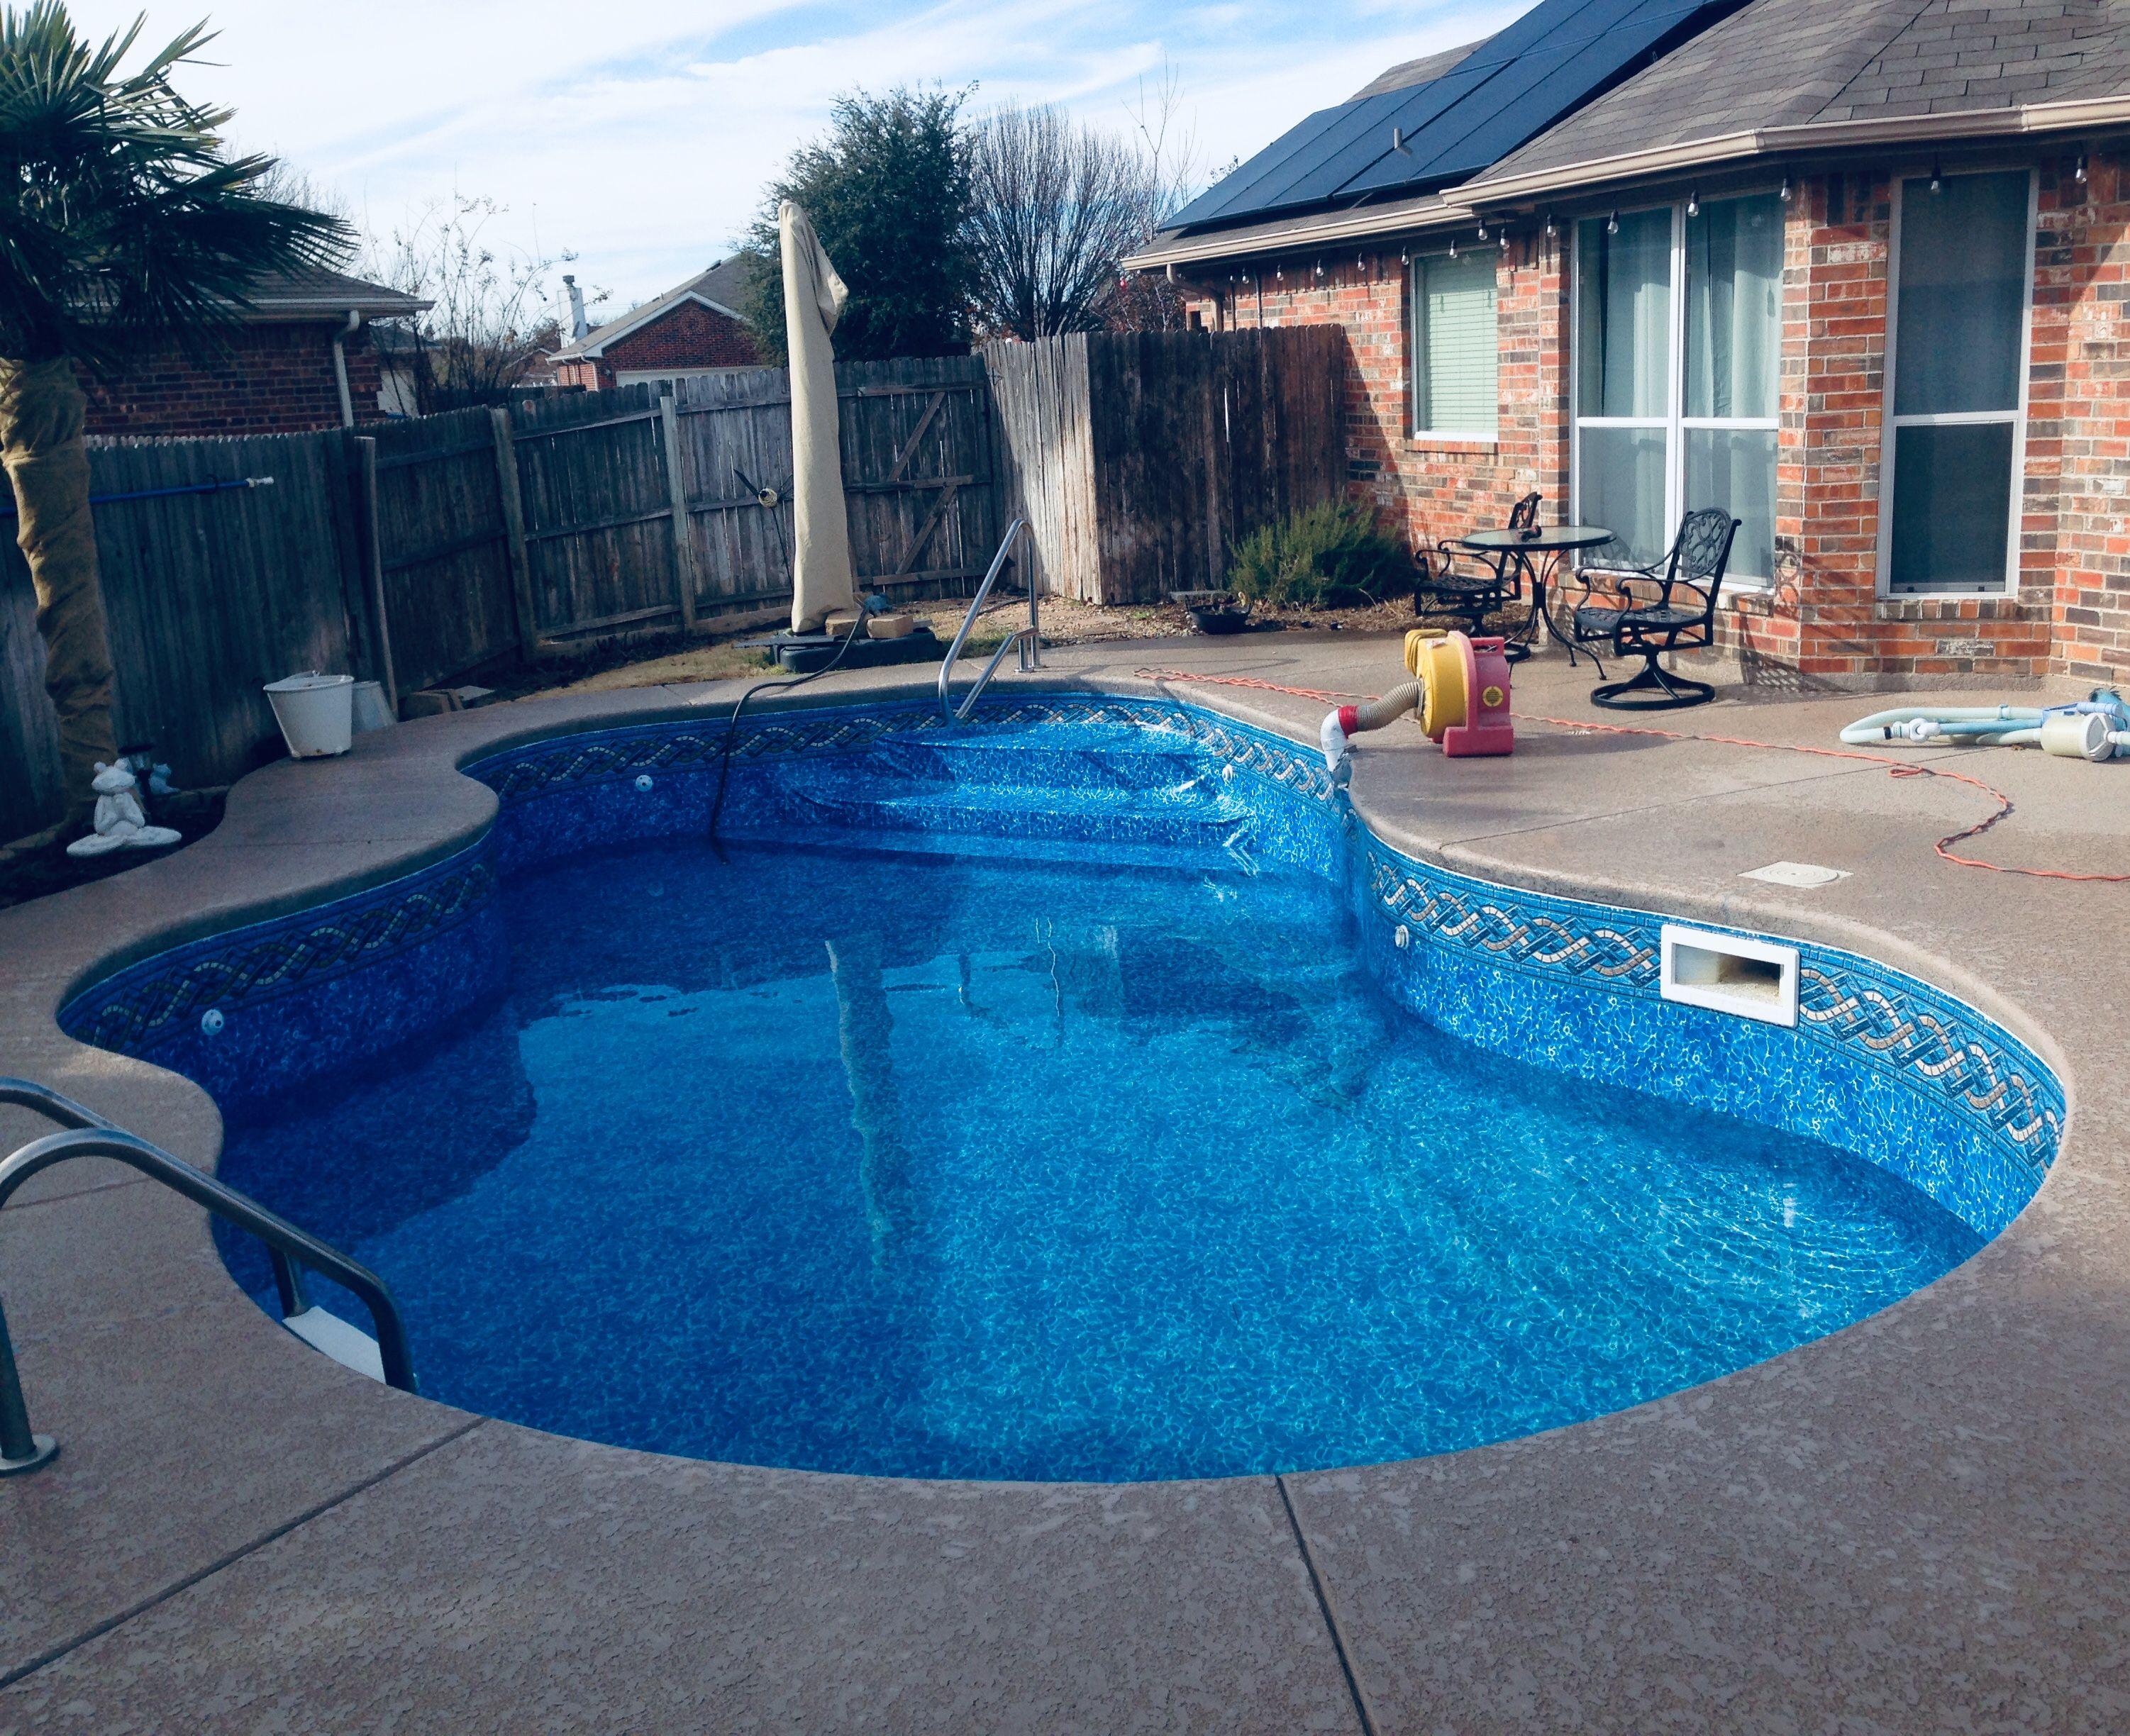 Vinyl Liner Replacement Crowley Tx Dfw Vinyl Pools Pool Liners Pool Liner Replacement Pool